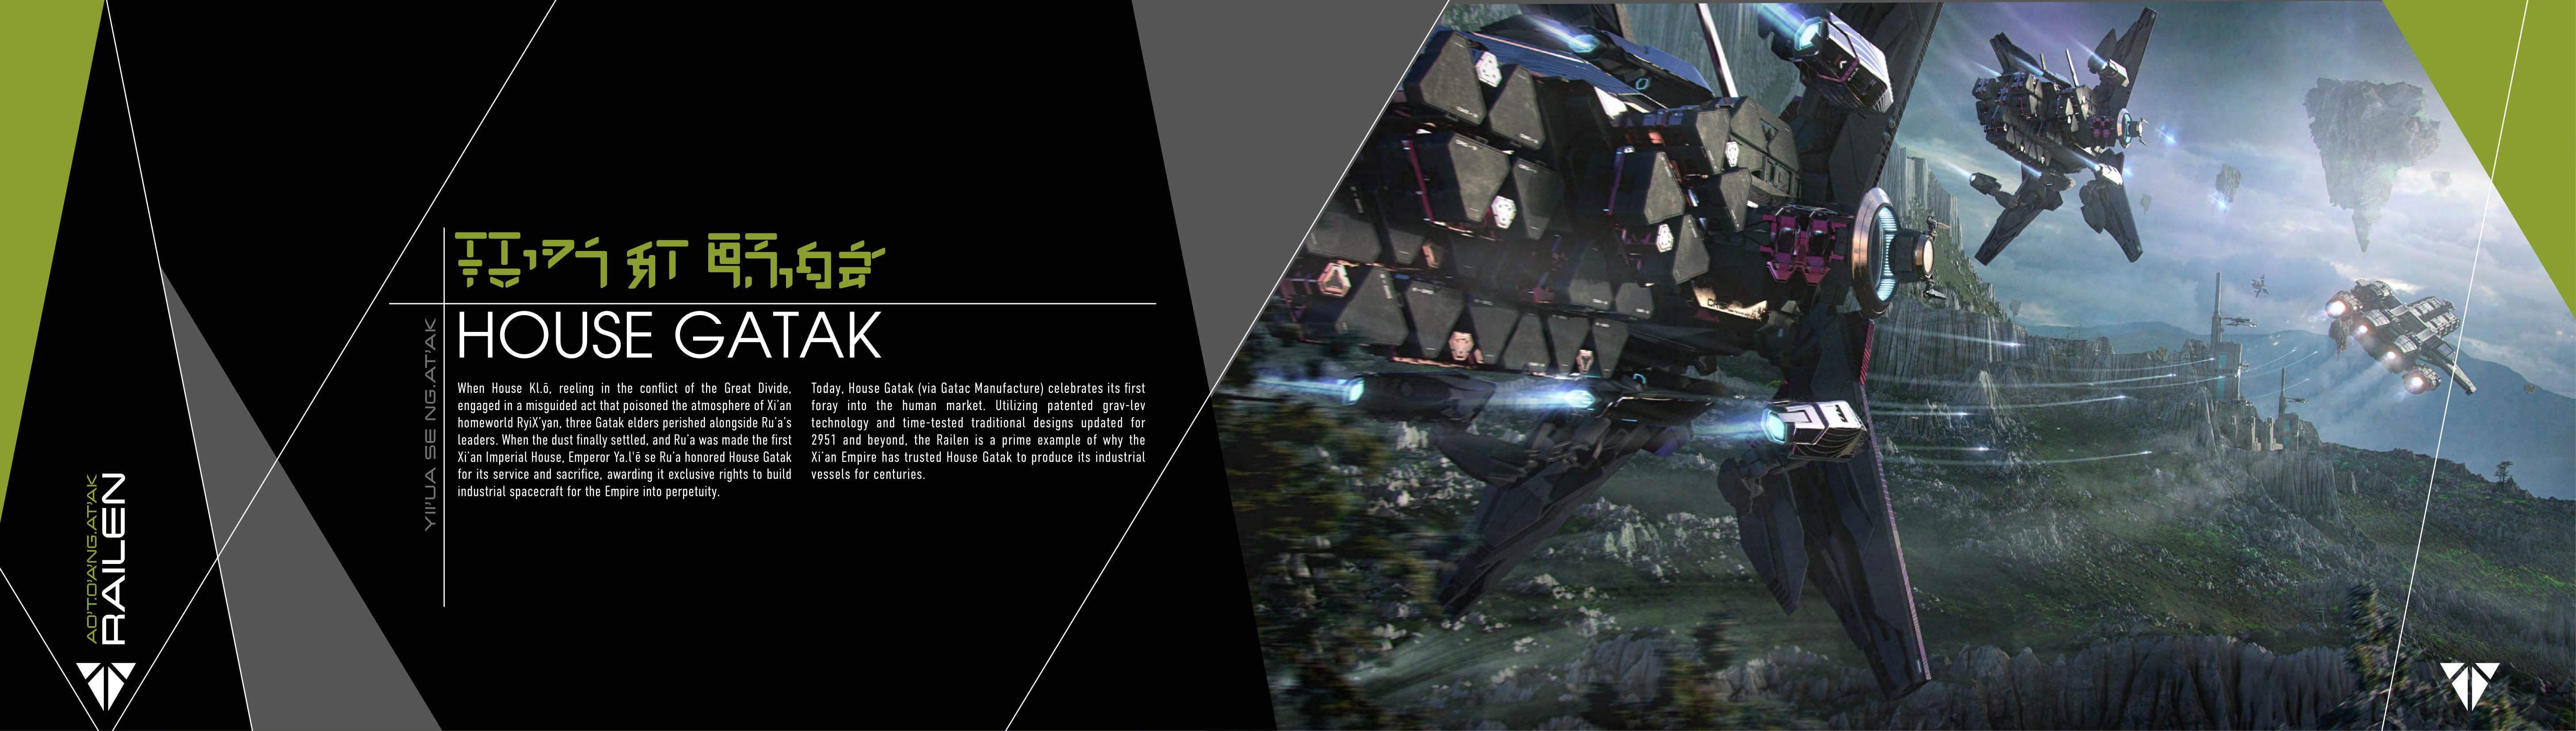 Xian_cargo_brochure-04